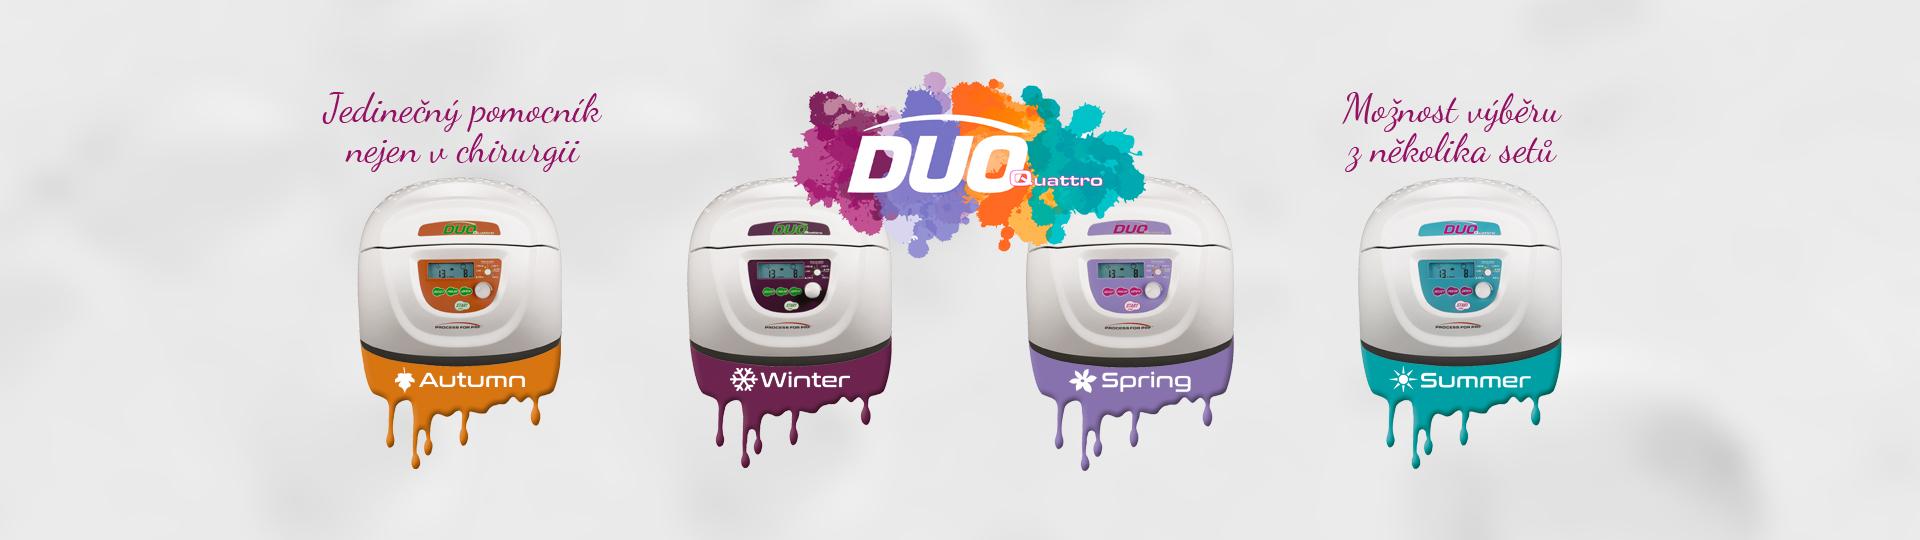 Duo Quattro